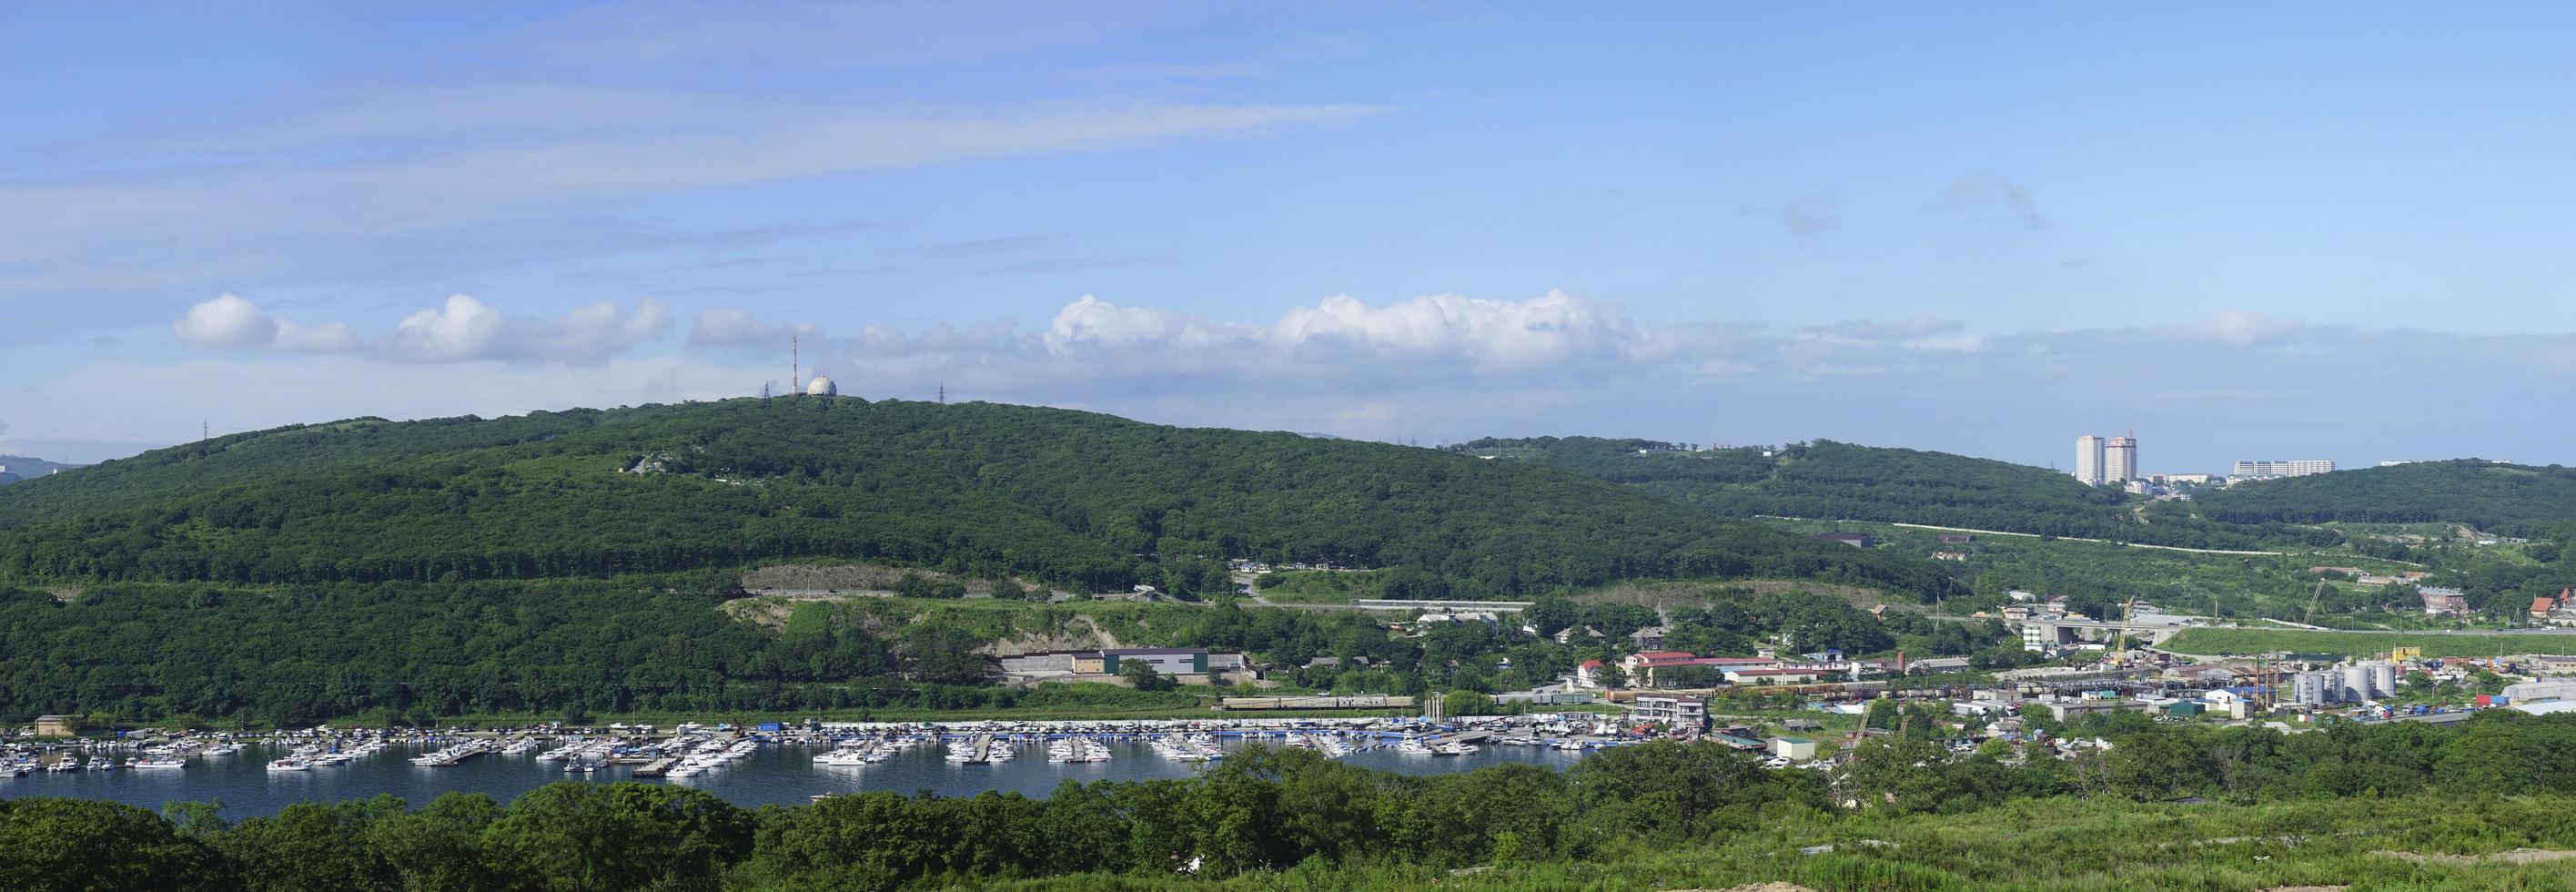 panorama van het landschap met uitzicht op de baai van ulysses foto